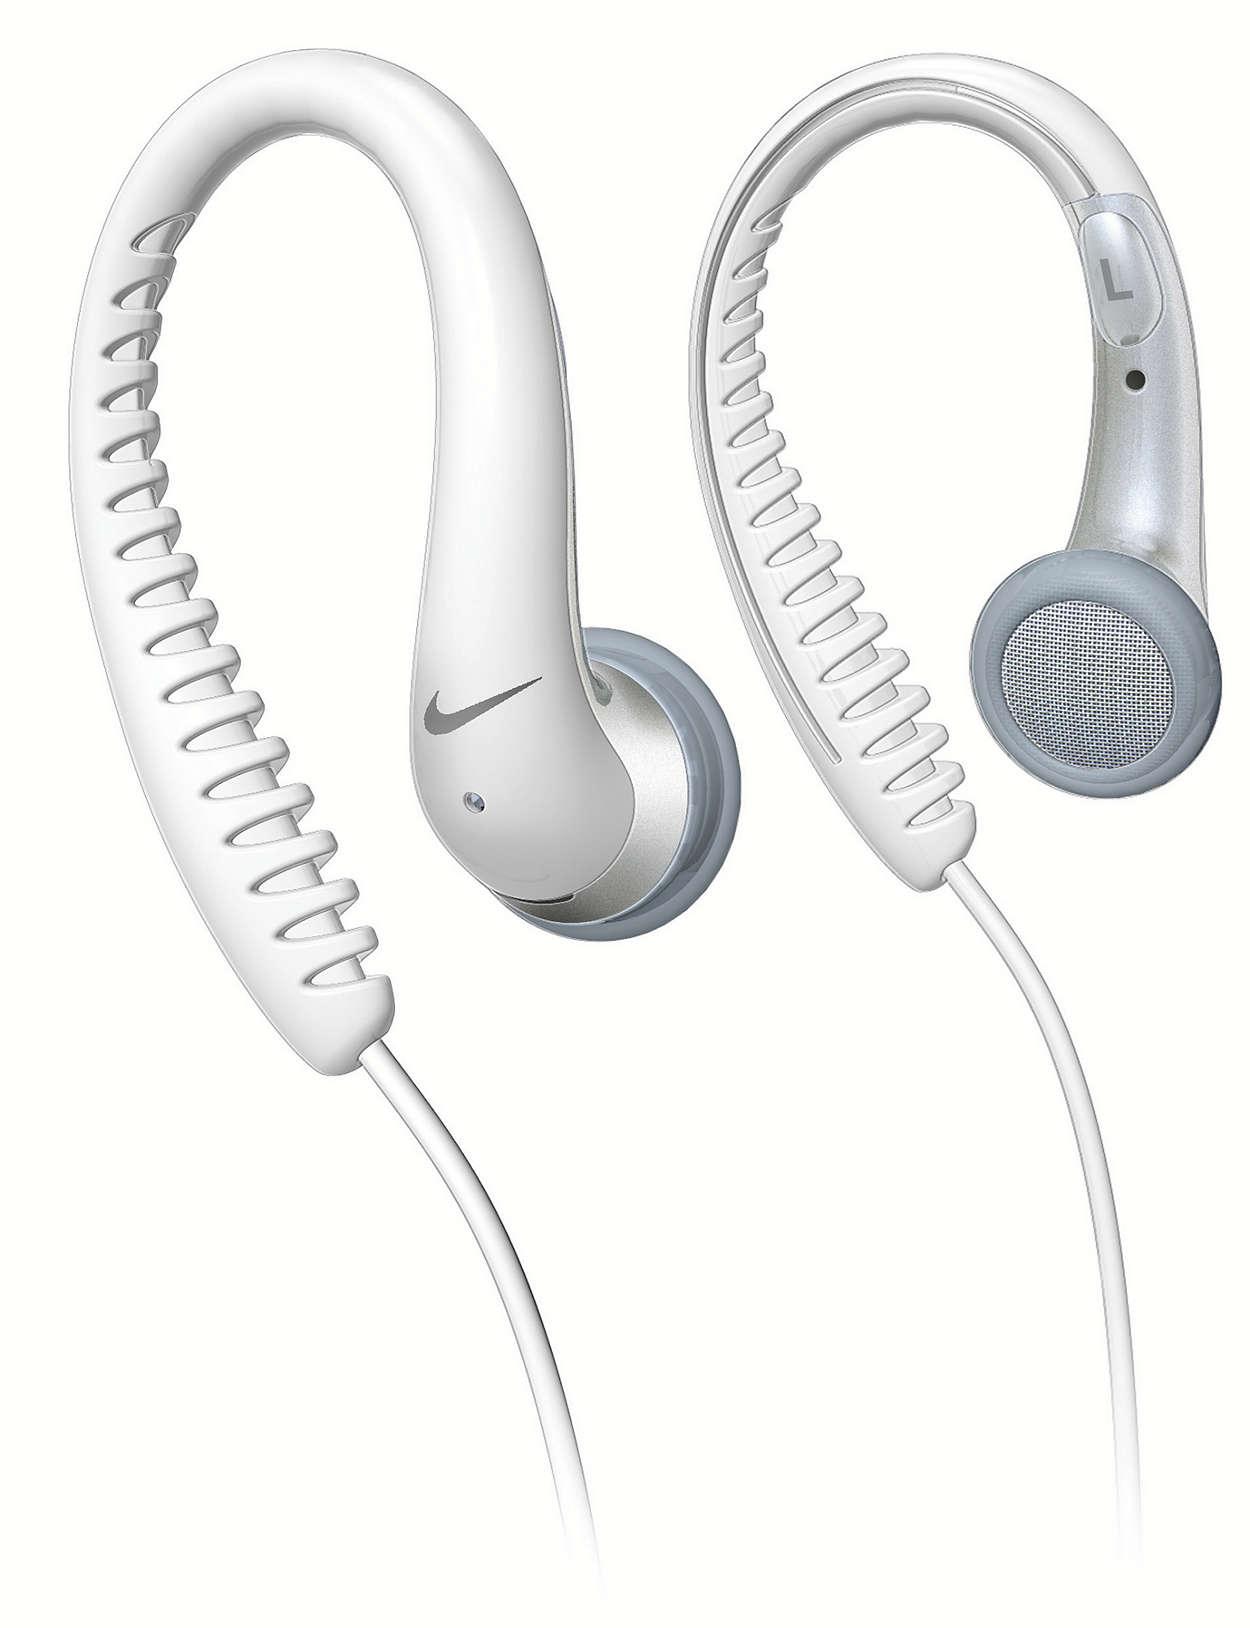 Flexible rubberized earhook